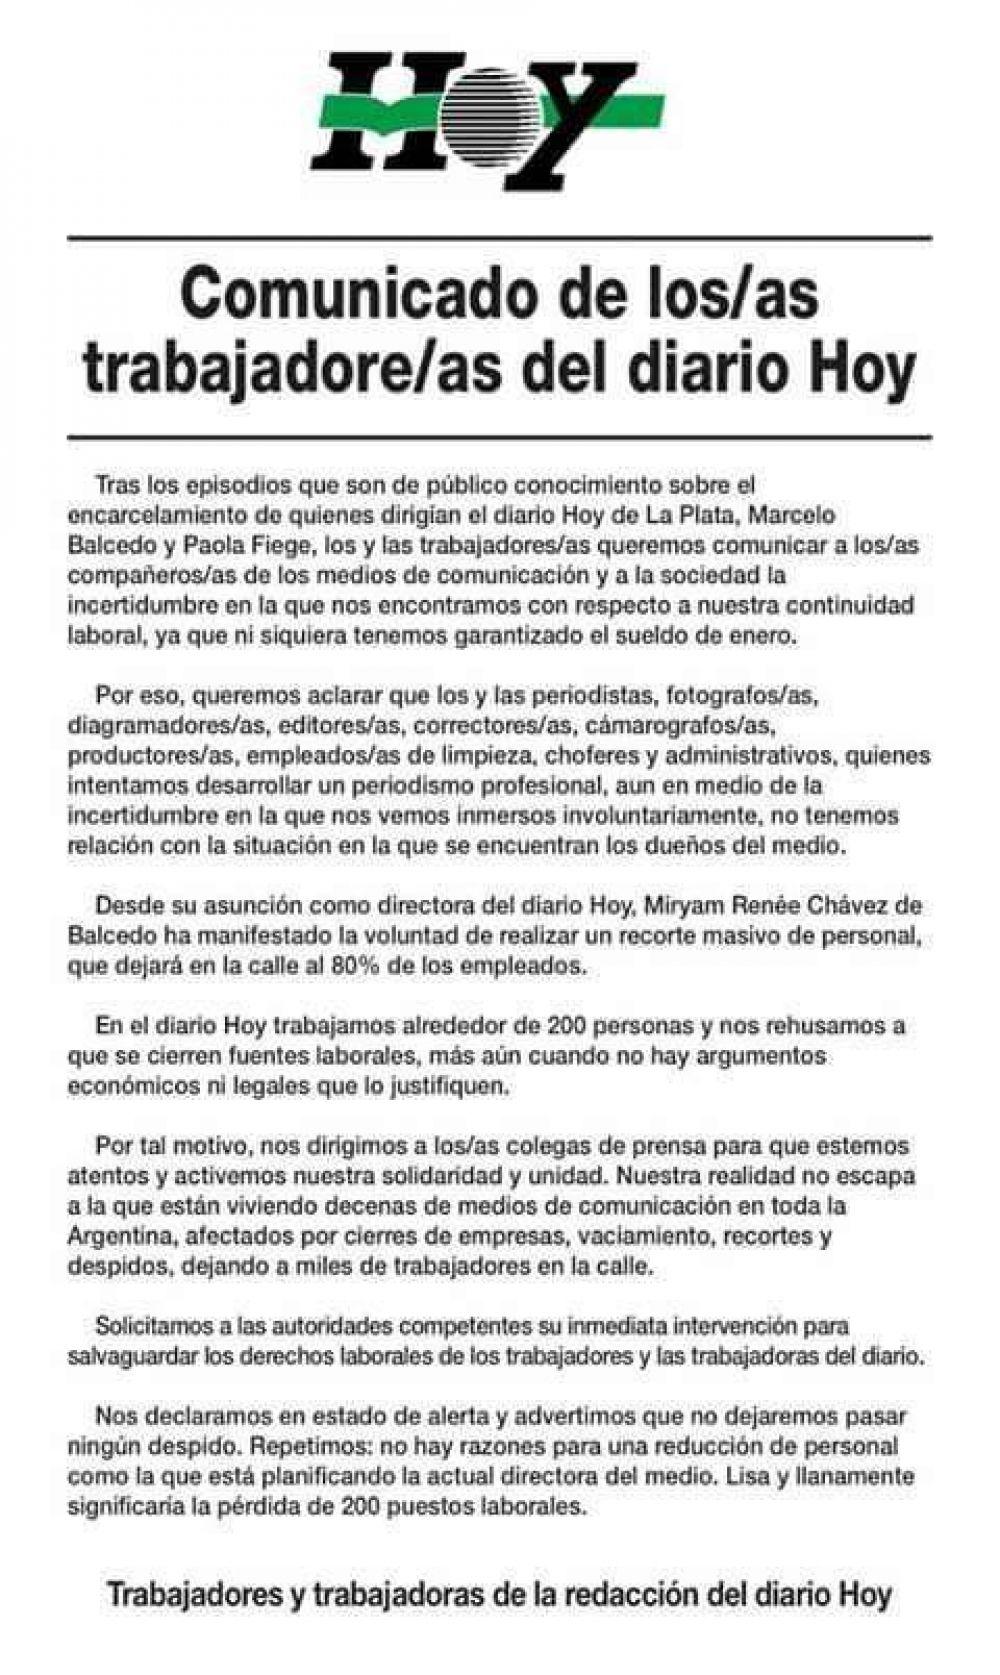 Trabajadores del diario Hoy, propiedad de Balcedo, temen por posibles despidos